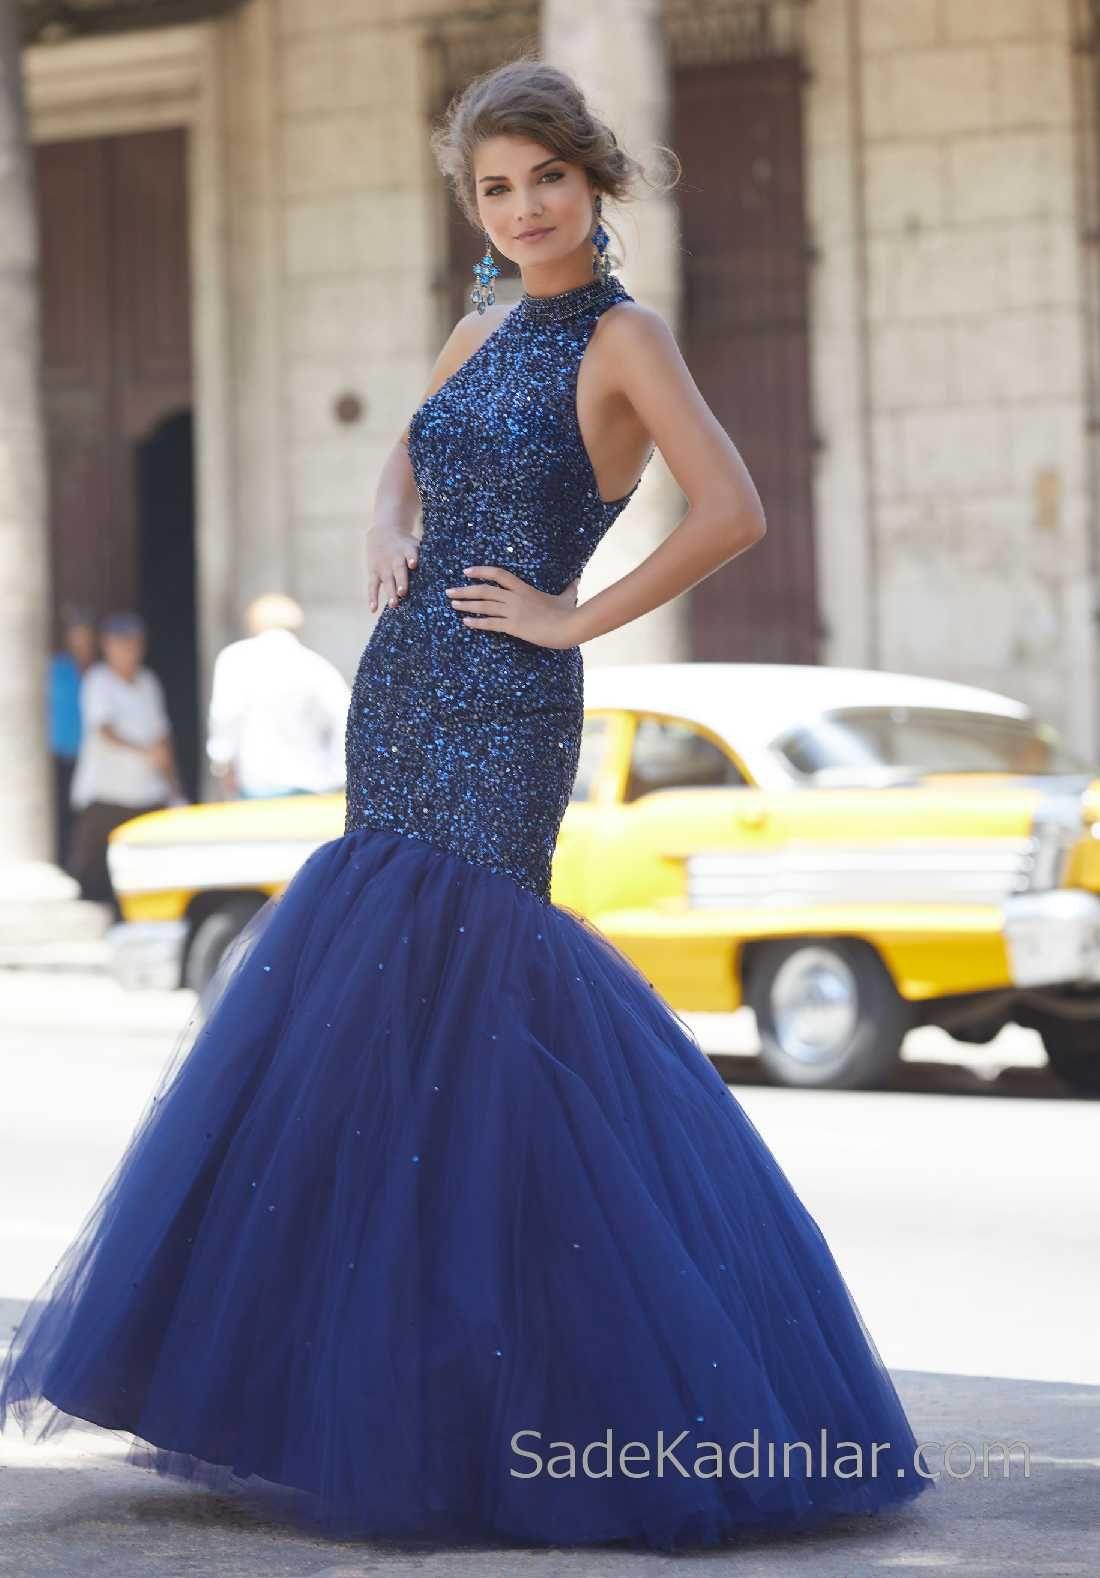 e1216526efb62 2018 Gece Elbiseleri Şık Abiye Modelleri Lacivert Uzun Halter Yaka Boncuk  İşlemeli Tüllü